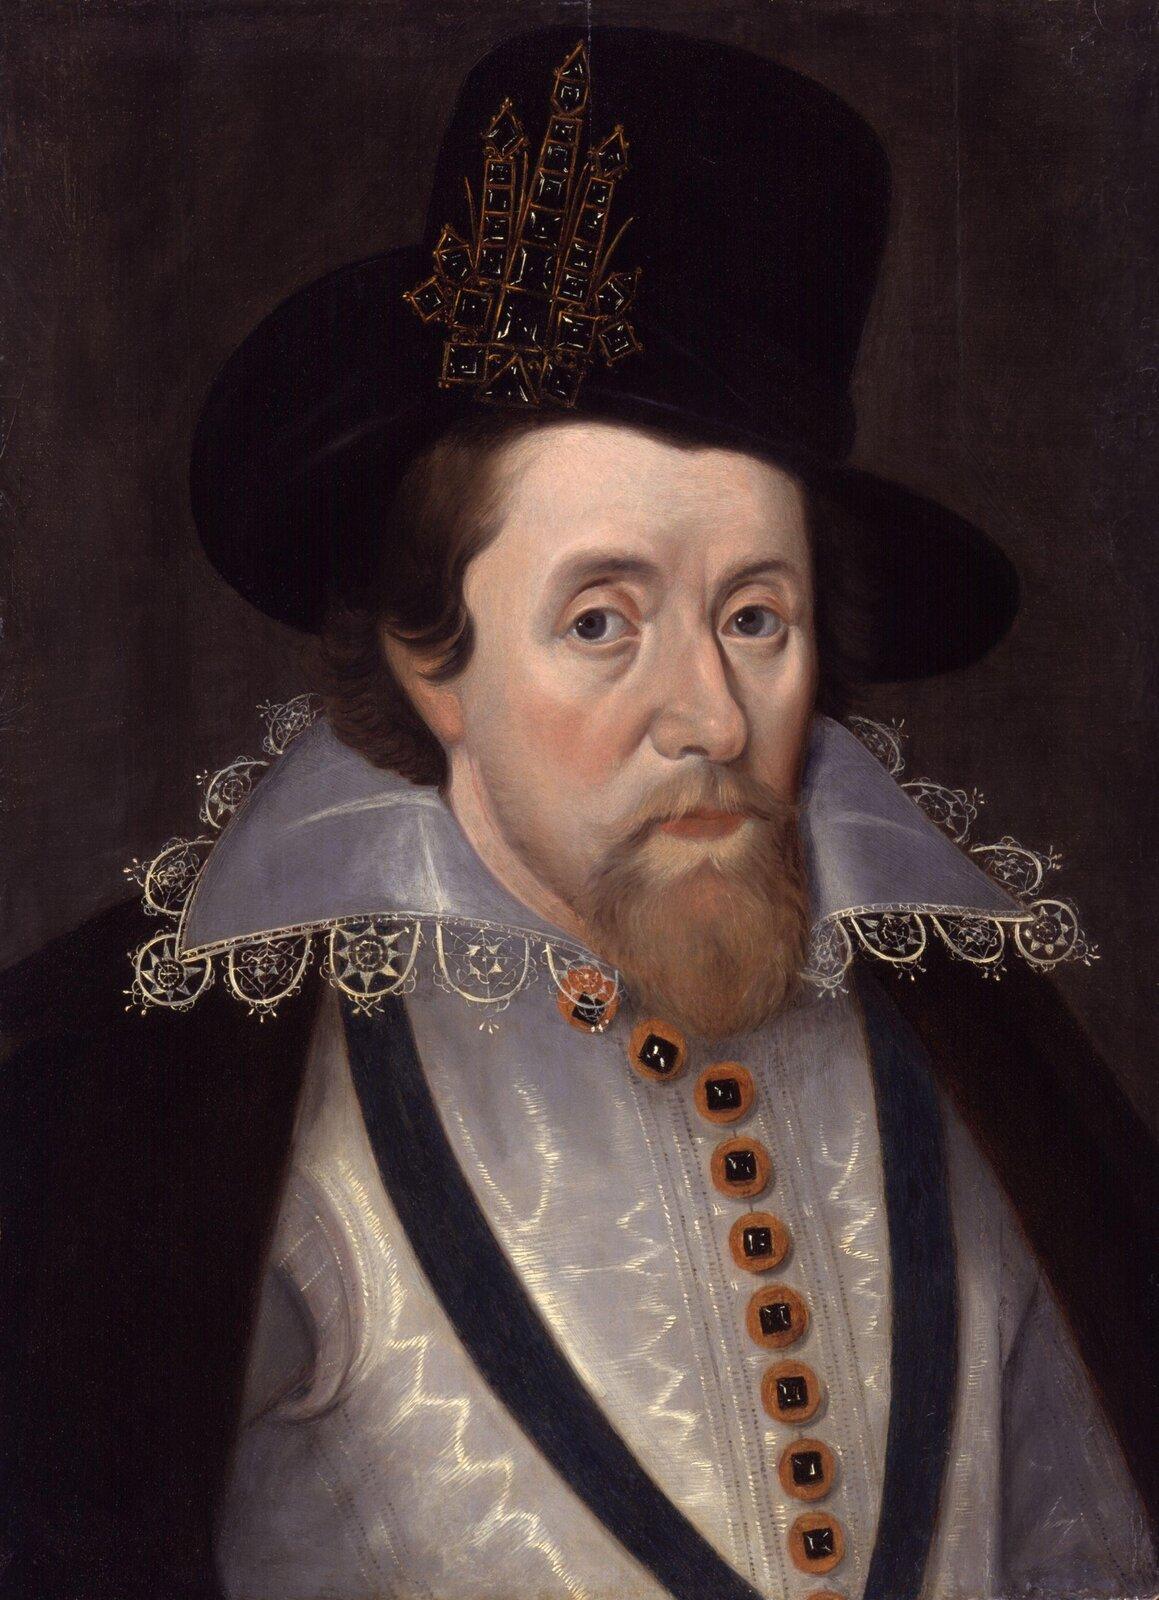 Jakub IPortretJakuba Iz1606 r., azatem wkrótce po wstąpieniu na tron Anglii. Źródło: John de Critz the Elder, Jakub I, National Portrait Gallery, domena publiczna.